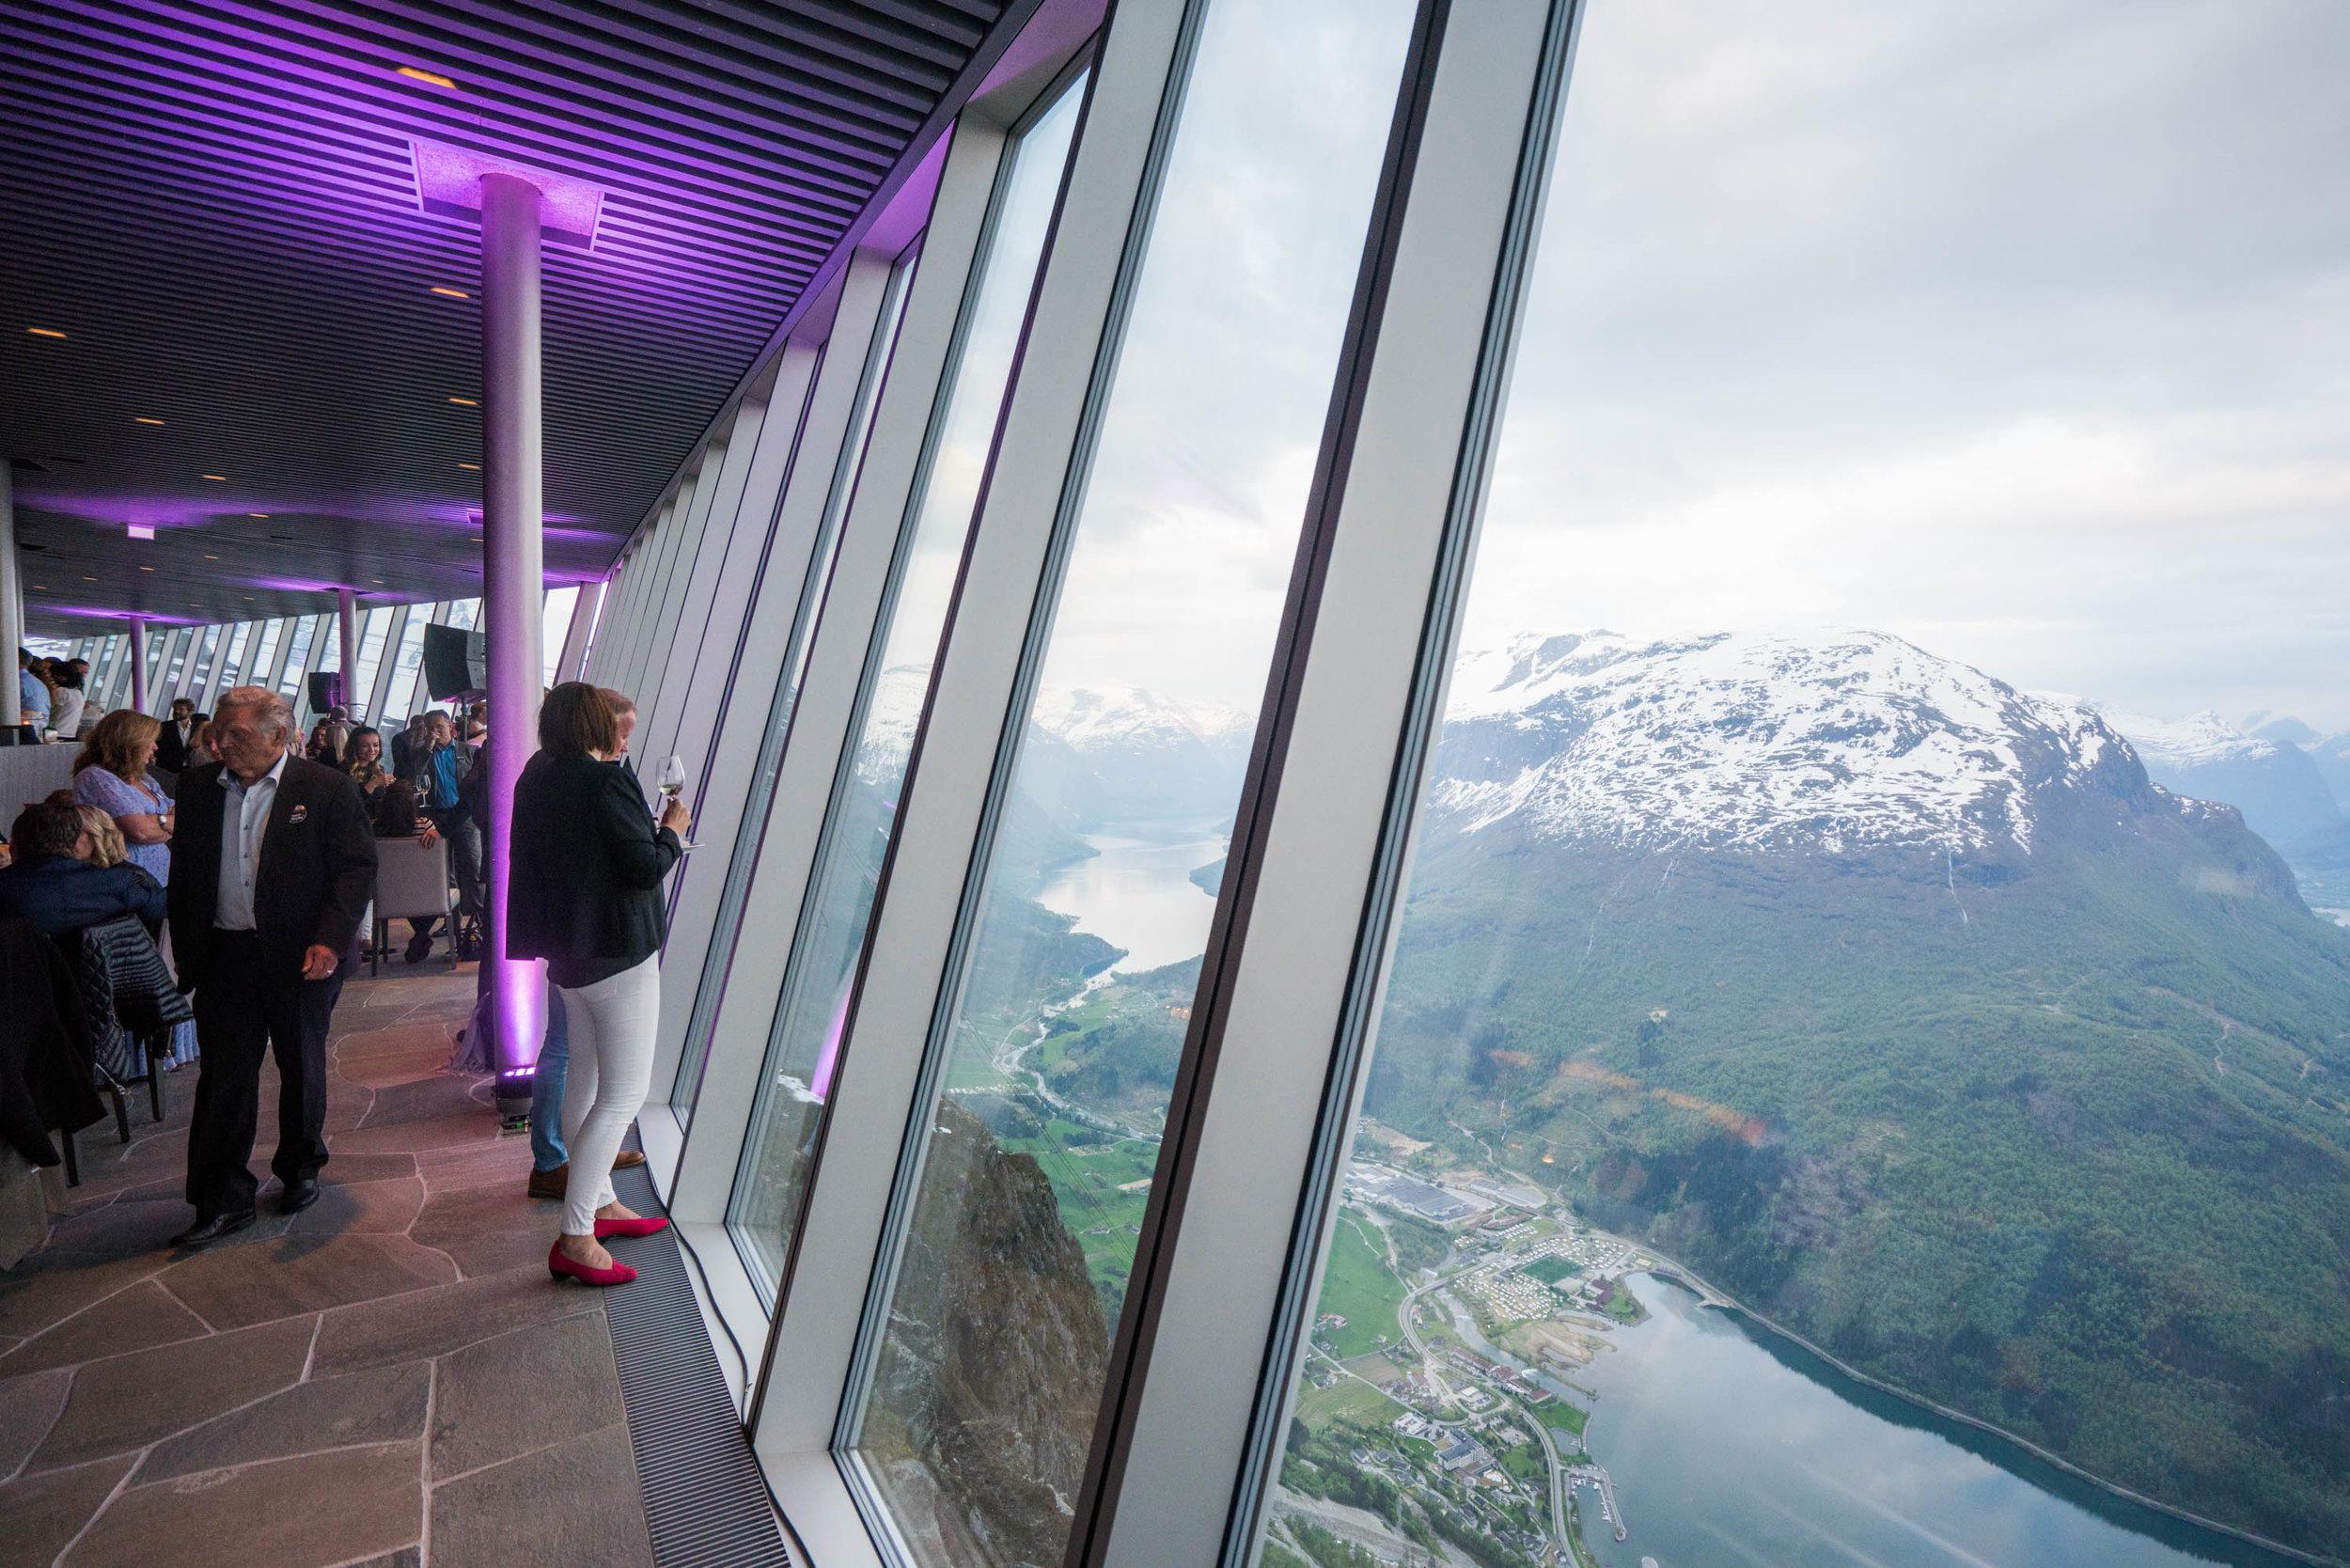 HOVEN RESTAURANT & BAR   Hoven Resstaurant finn du på toppen av Hoven, berre nokre meter gjennom gongen frå Loen Skylift. Her får du matopplevingar heilt på kanten, 1011 meter over Nordfjorden.